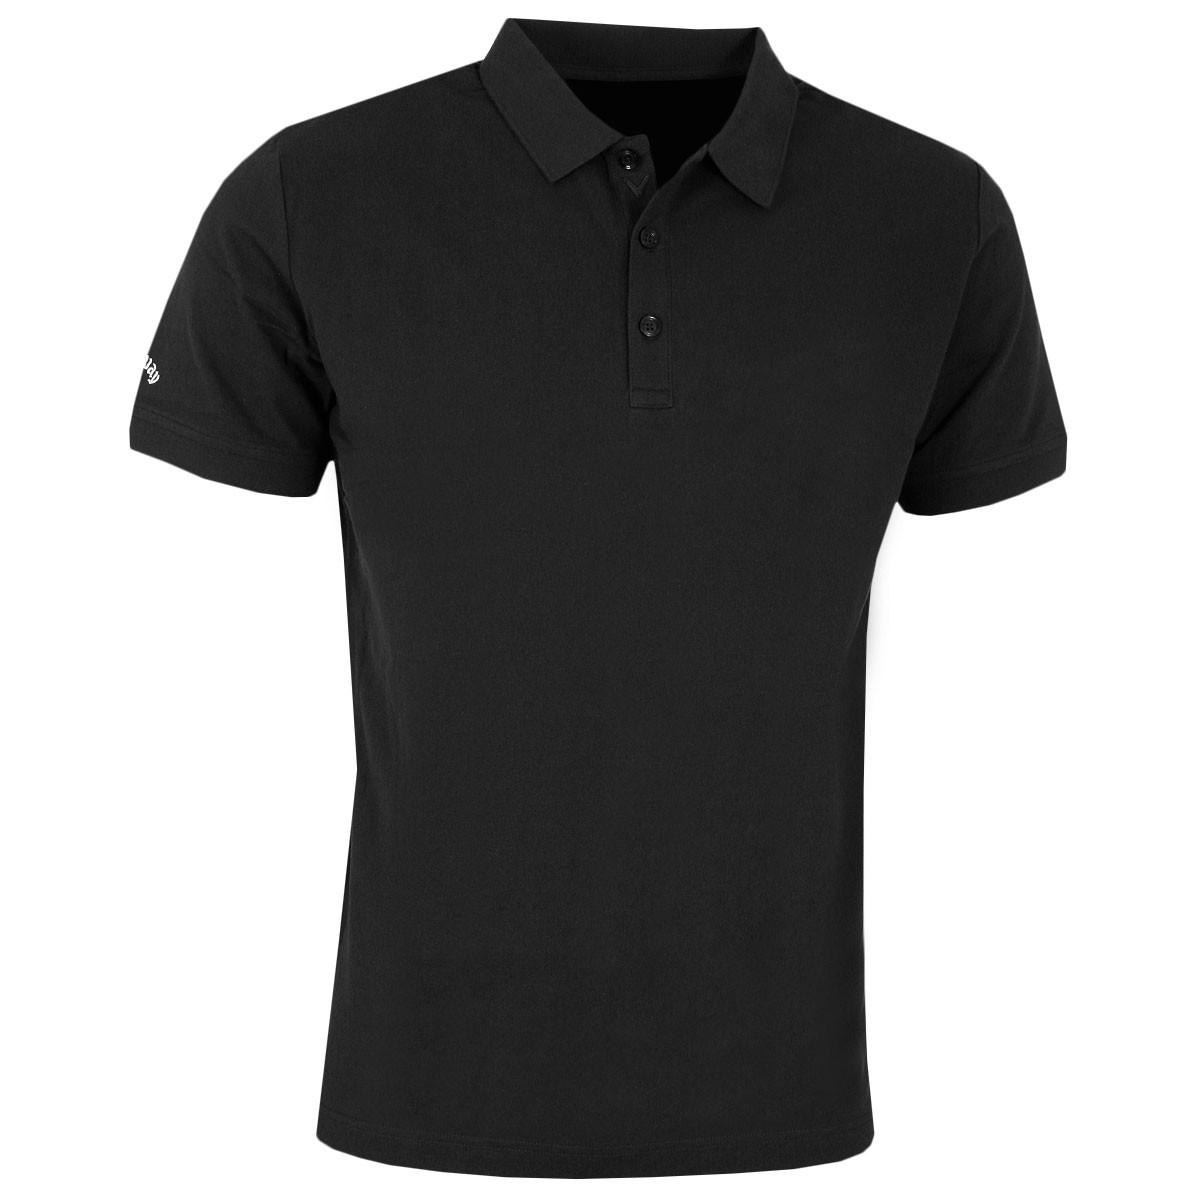 Mens Cotton Pique Opti-Dri Polo Shirt